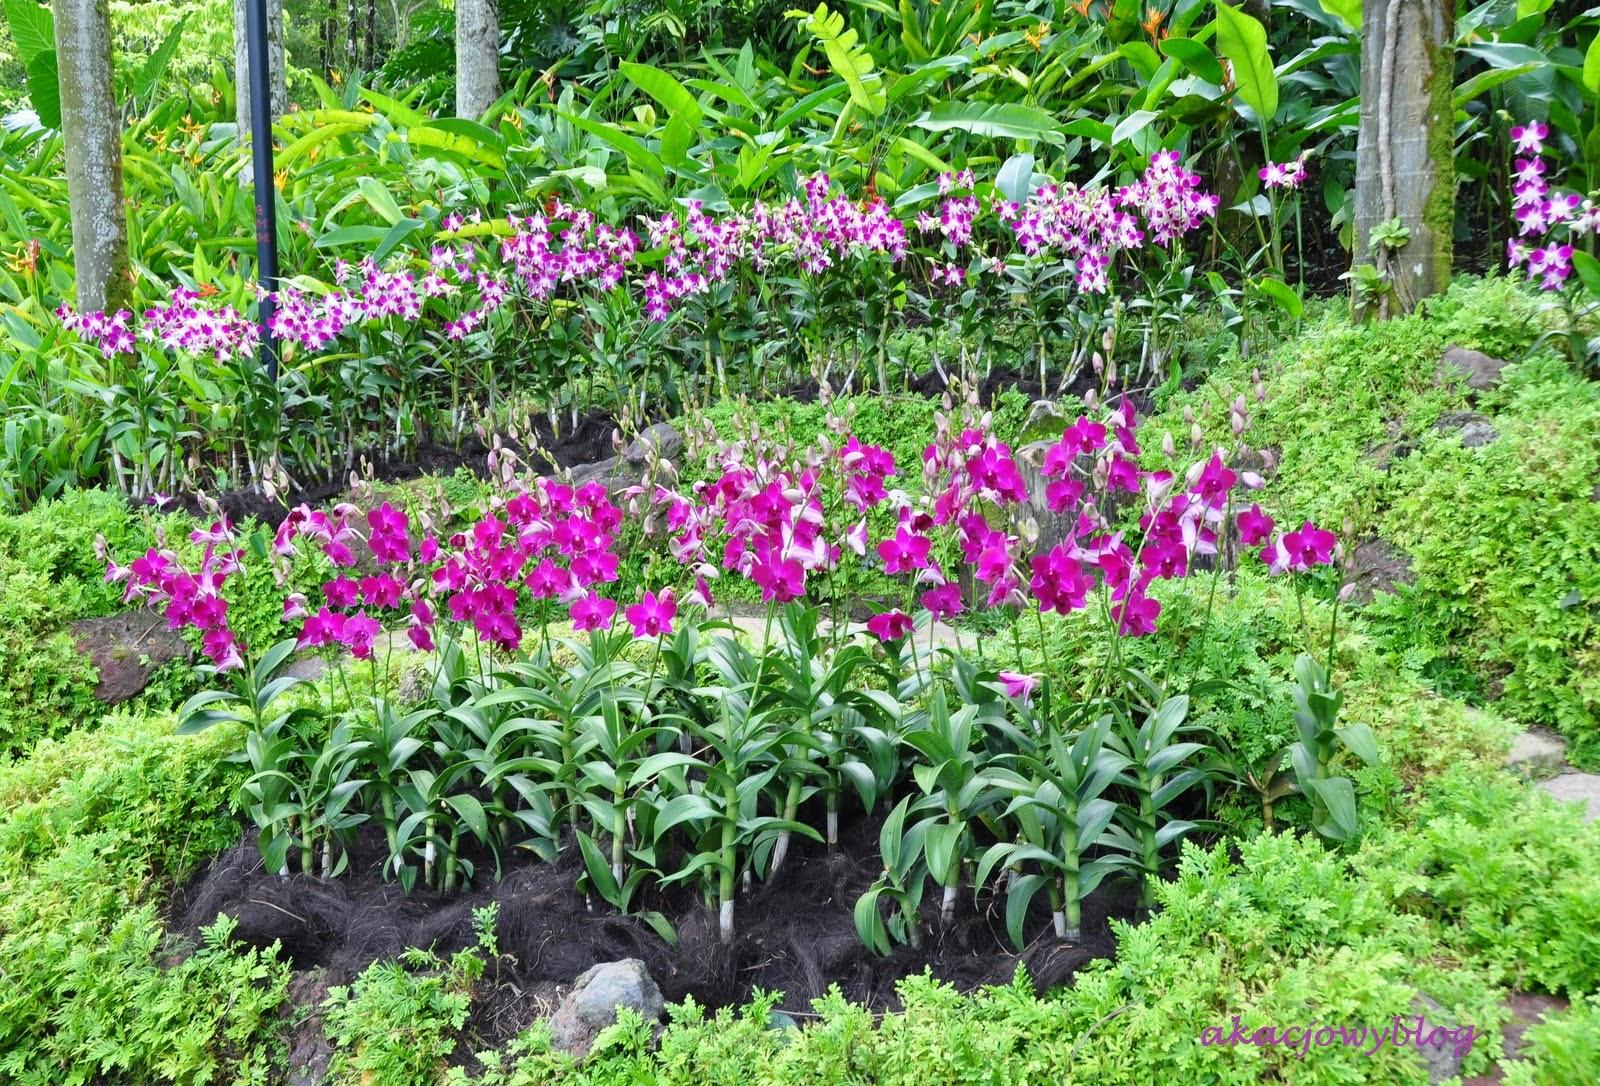 Ogród Botaniczny w Singapurze.